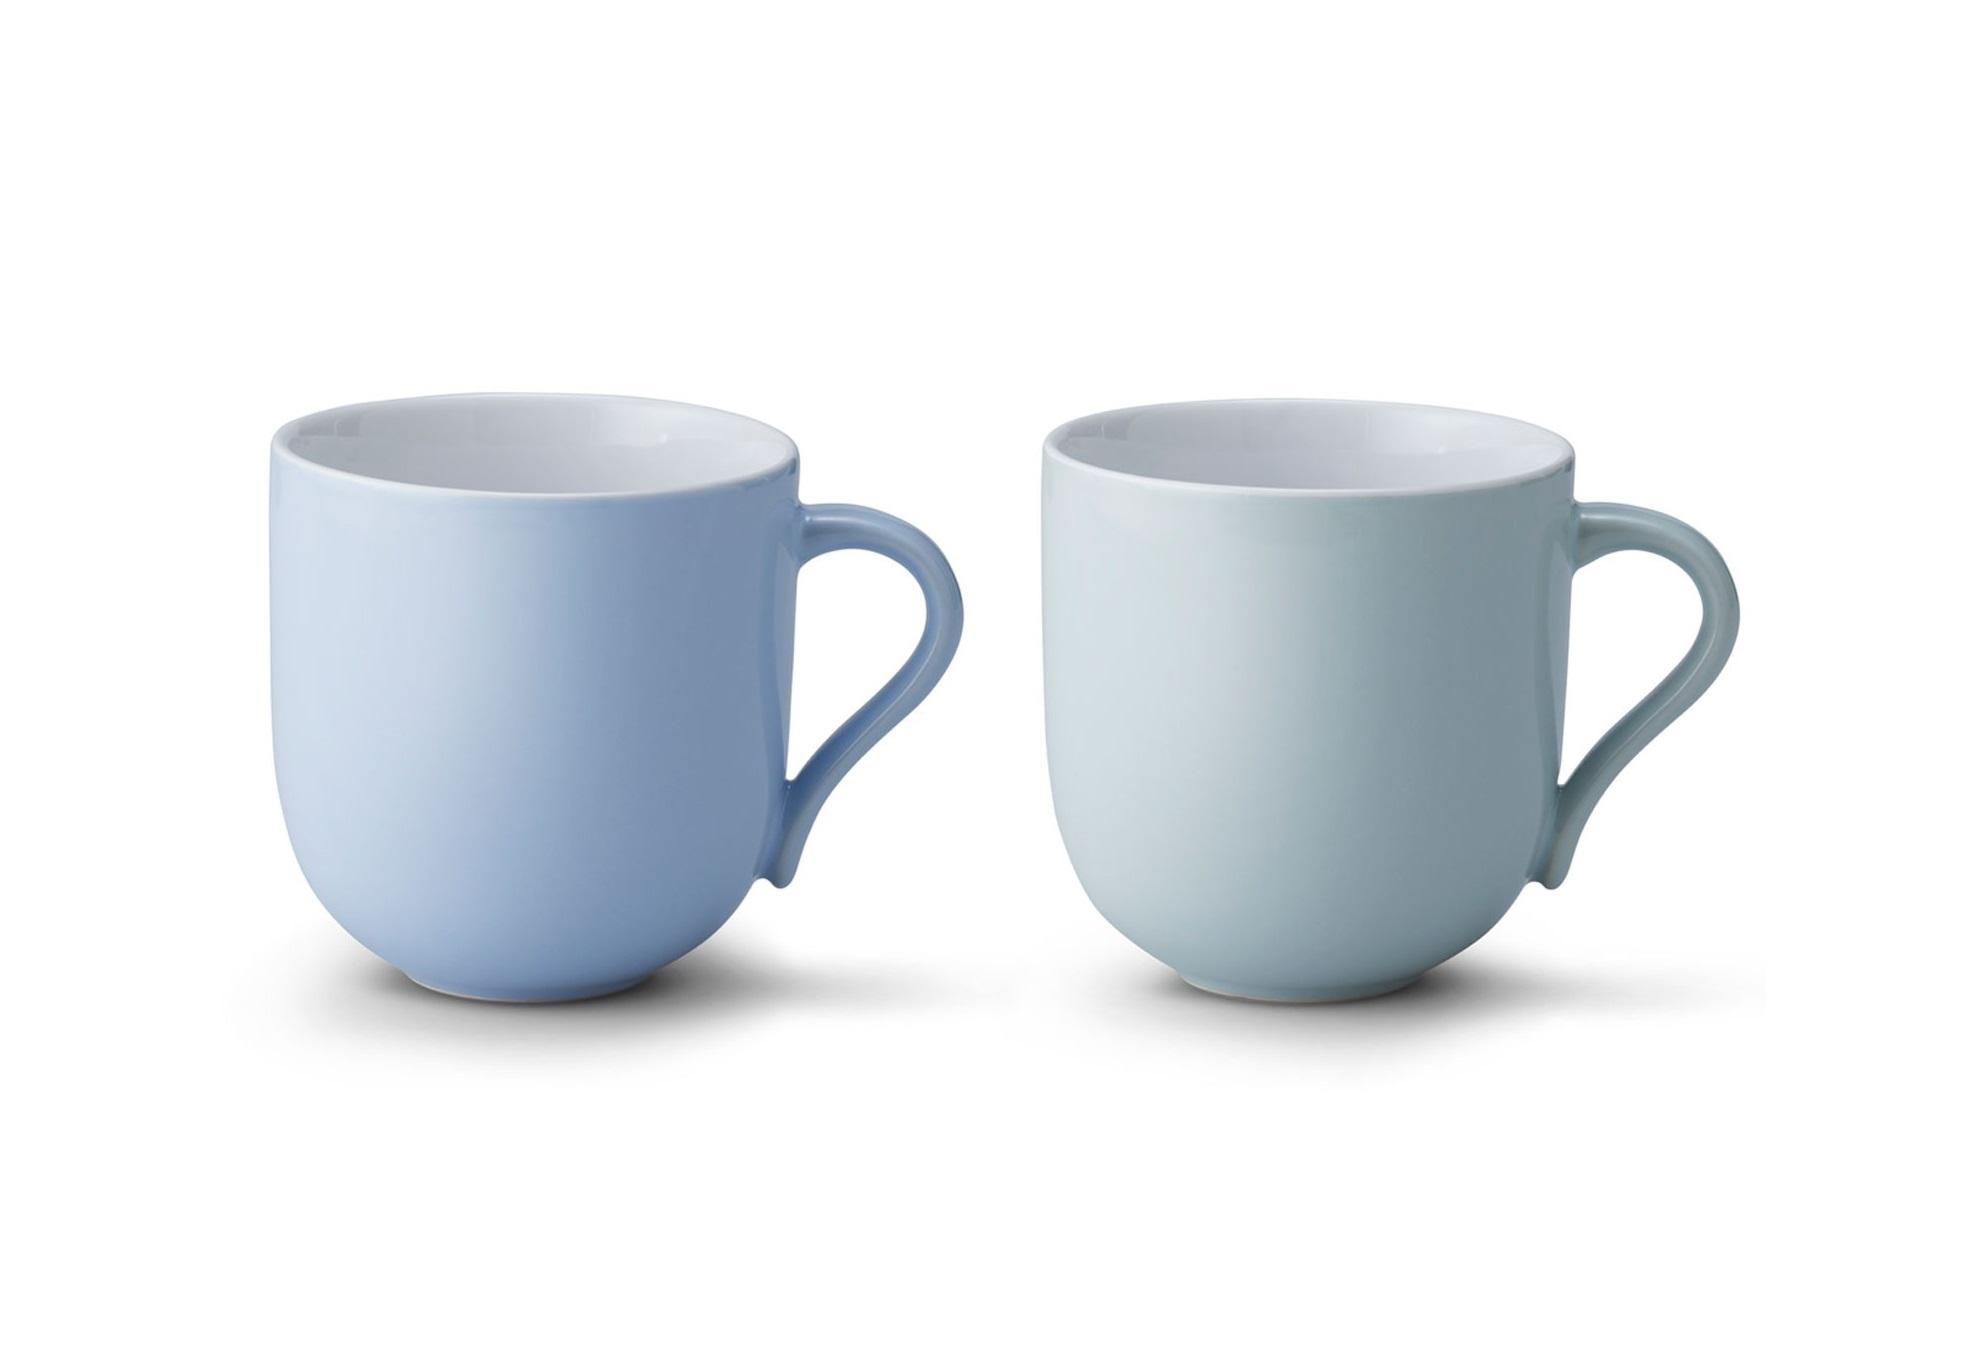 Набор кружек Emma (2шт)Чайные пары, чашки и кружки<br>Набор из 2х кружек Emma. &amp;amp;nbsp;Дополнительно к кружкам можно приобрести блюдца.&amp;amp;nbsp;&amp;lt;div&amp;gt;&amp;lt;br&amp;gt;&amp;lt;div&amp;gt;Объем каждой чашки 380мл.&amp;lt;br&amp;gt;&amp;lt;/div&amp;gt;&amp;lt;/div&amp;gt;<br><br>Material: Керамика<br>Length см: None<br>Width см: None<br>Height см: 12<br>Diameter см: 9